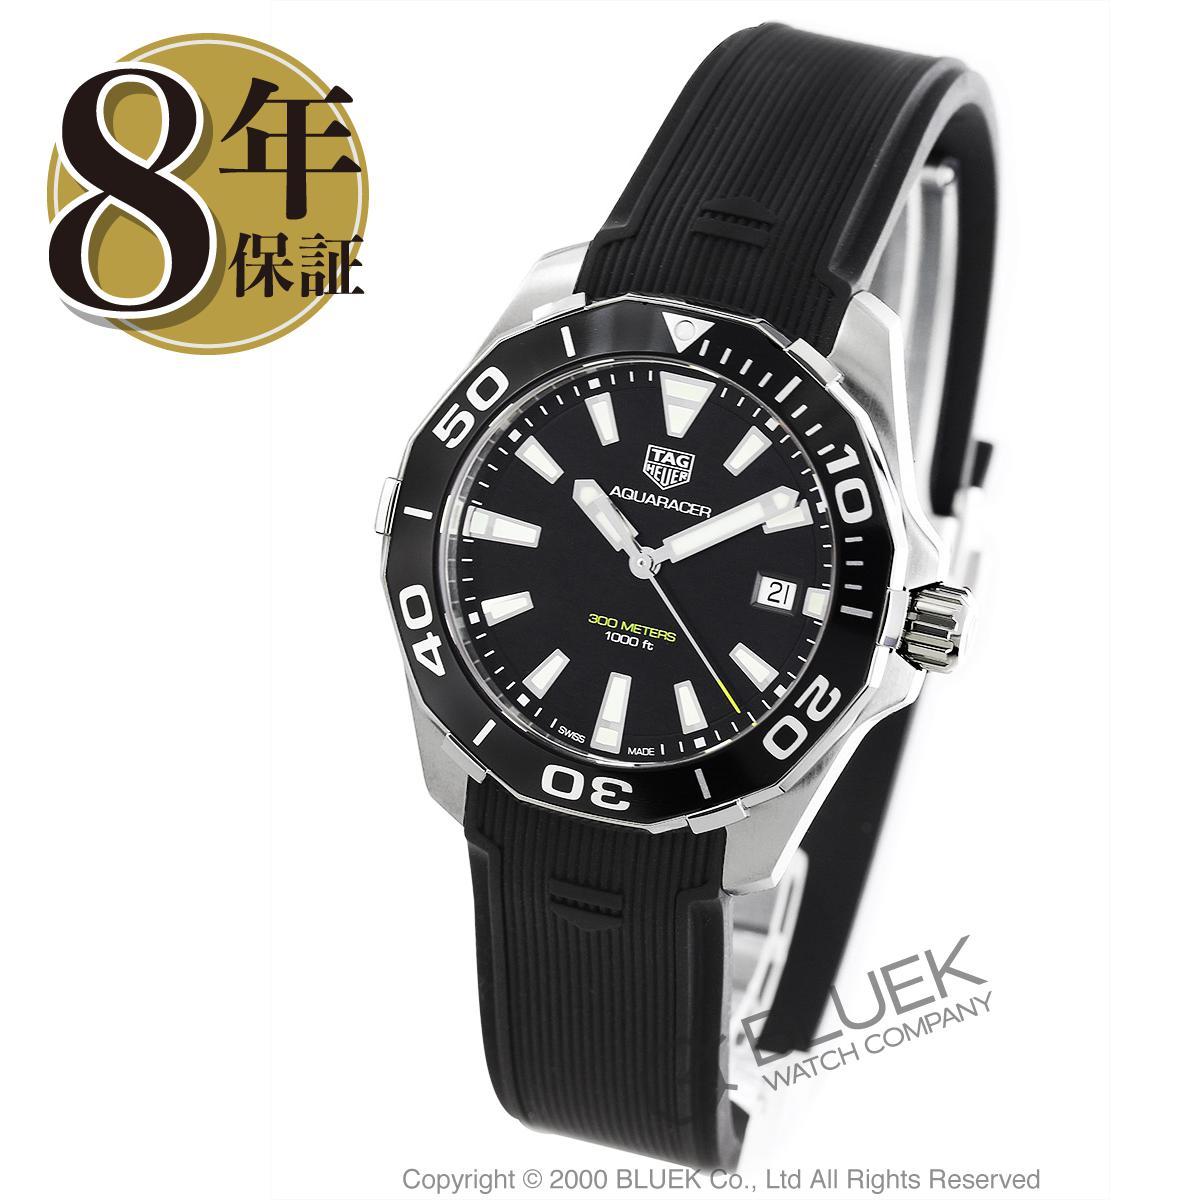 タグホイヤー アクアレーサー 300m防水 腕時計 メンズ TAG Heuer WAY111A.FT6151_8